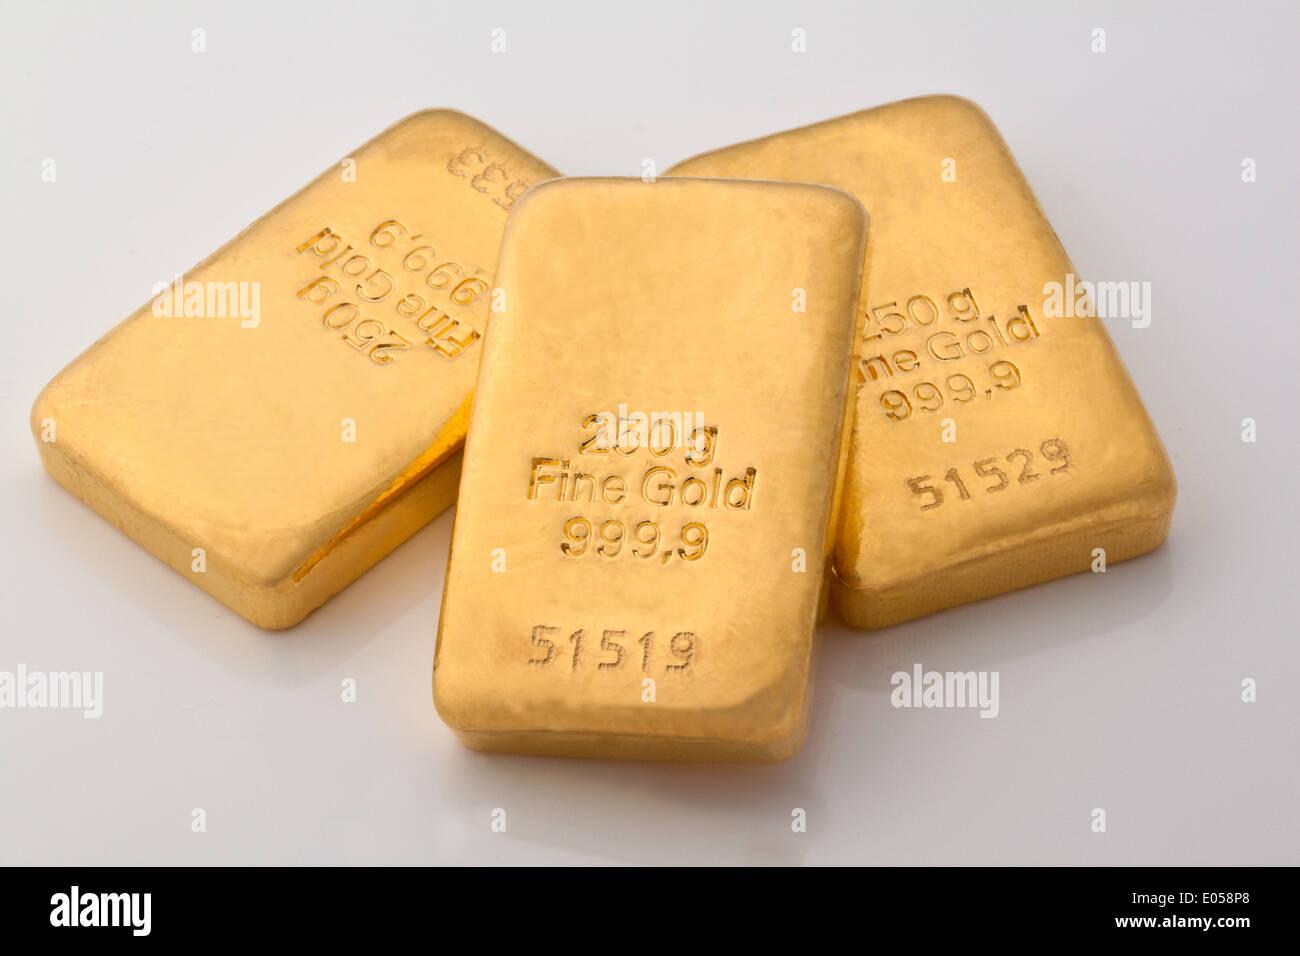 Investment In Real Gold As A Bar And Golden Coins Geldanlage Echtem Als Goldbarren Und Goldmuenzen